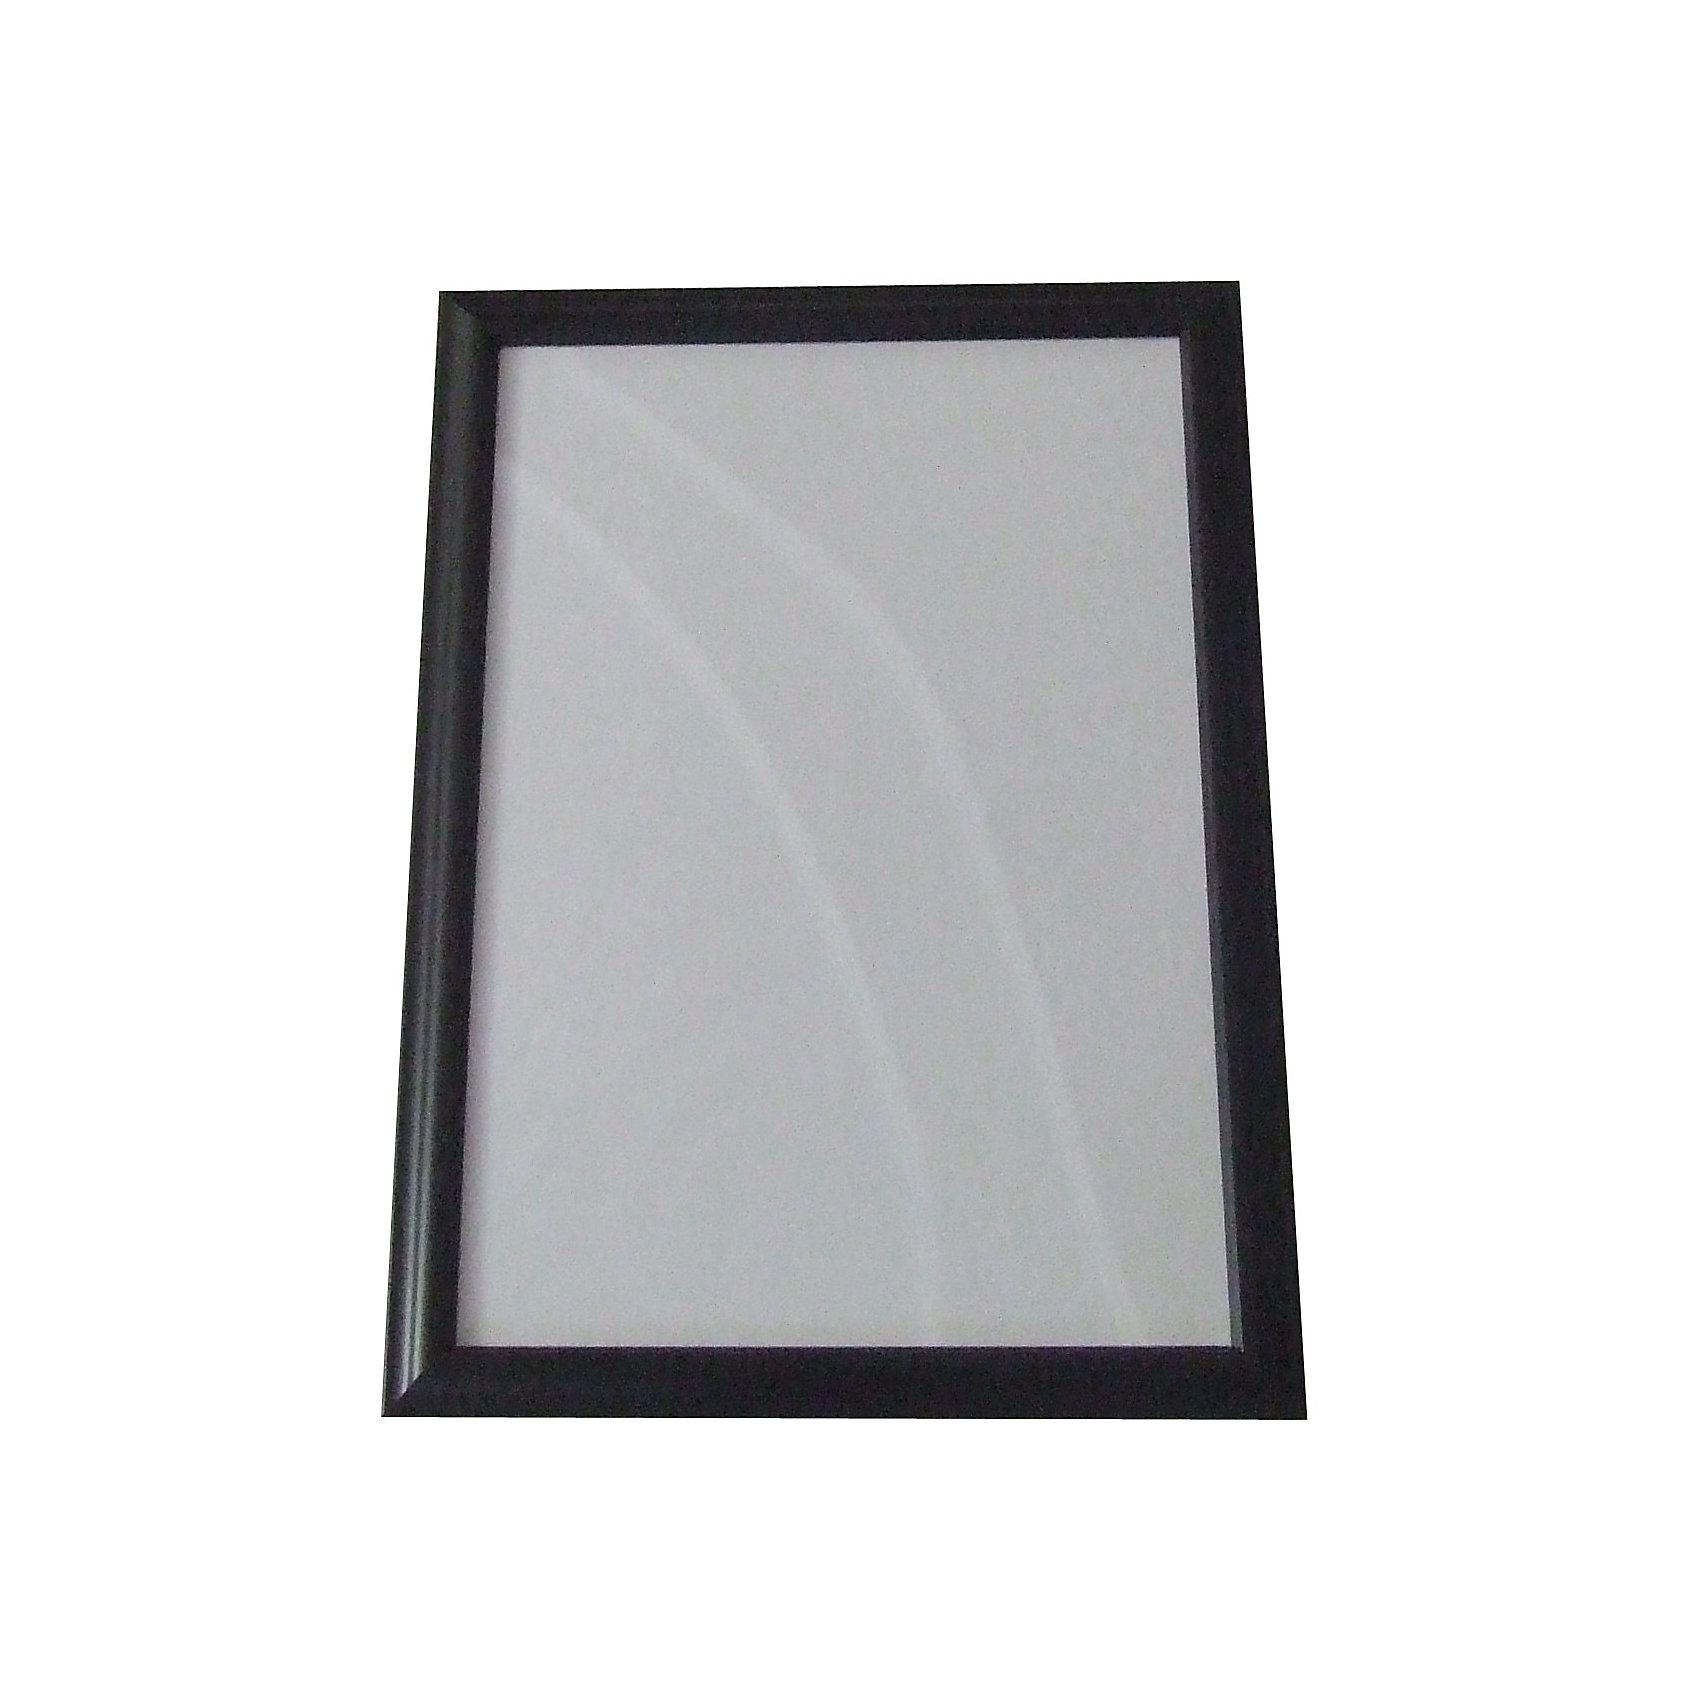 Рамка для пазла, 500 деталей, чернаяЧтобы собранный пазл мог послужить украшением интерьера, его нужно вставить в рамку и повесить на стену. <br><br>Дополнительная информация:<br><br>- Цвет: черный.<br>- Материал рамки:  пластик.<br>- Материал покрытия: пластик. <br>- Толщина багета: 3,2 см.<br>- Рамка подходит для пазла с количеством деталей 500 шт., размером: 47 х 33 см.<br><br>Ширина мм: 330<br>Глубина мм: 470<br>Высота мм: 20<br>Вес г: 300<br>Возраст от месяцев: 36<br>Возраст до месяцев: 1188<br>Пол: Унисекс<br>Возраст: Детский<br>SKU: 2614597